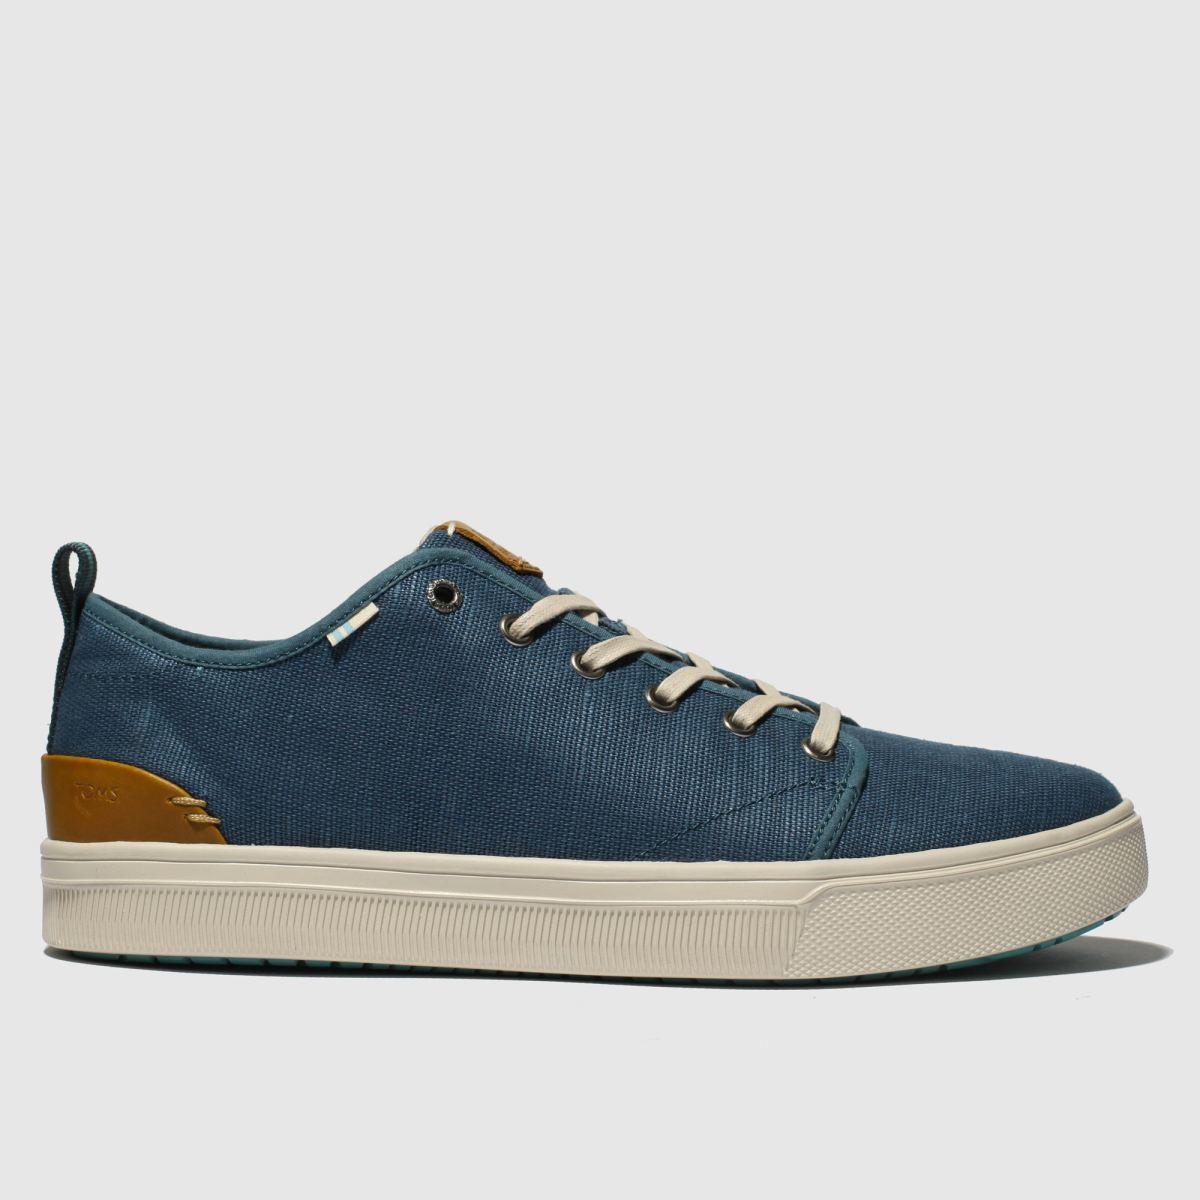 Toms Navy Trvl Lite Low Shoes